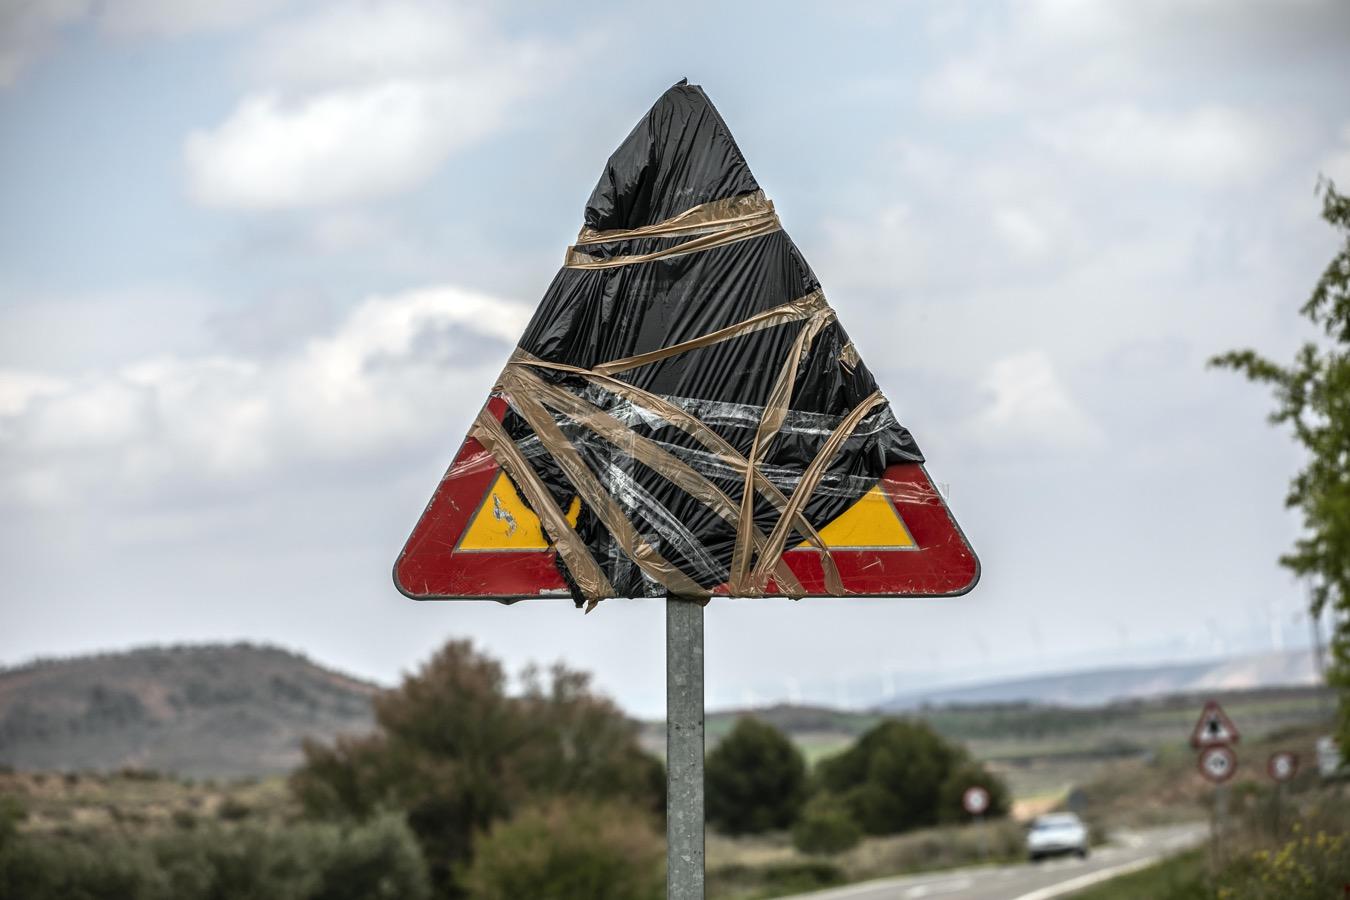 Señal de tráfico cubierta con un plástico.